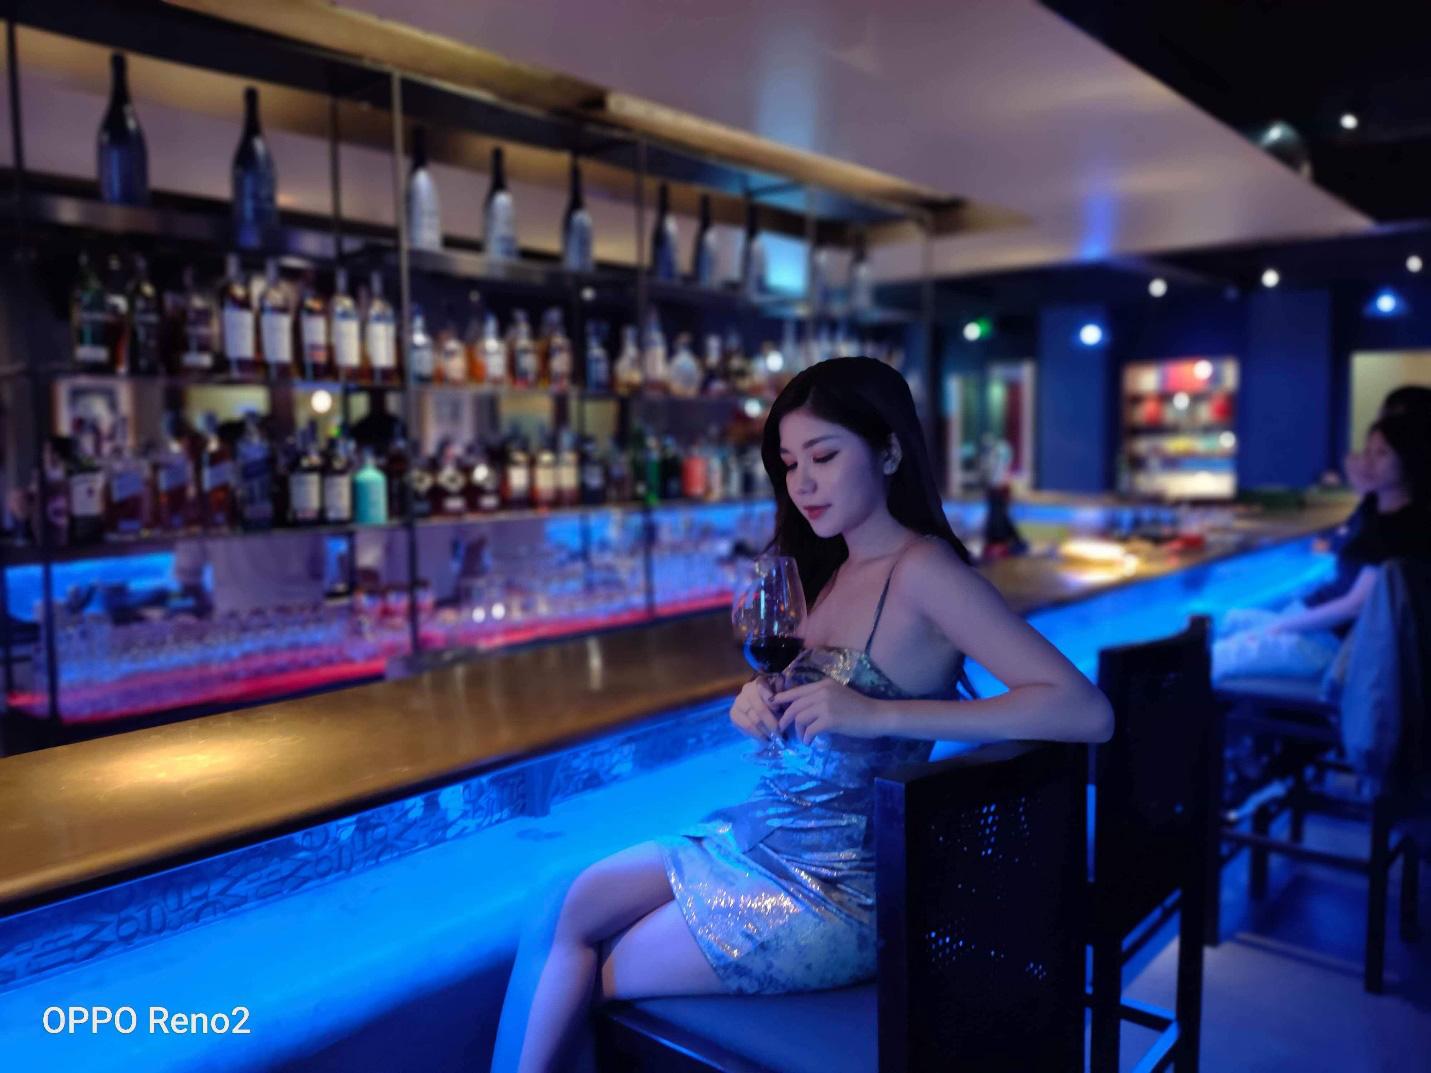 Nghe An Japan mách nước để có ảnh chụp đêm lung linh, hút like trên mạng xã hội - Ảnh 3.